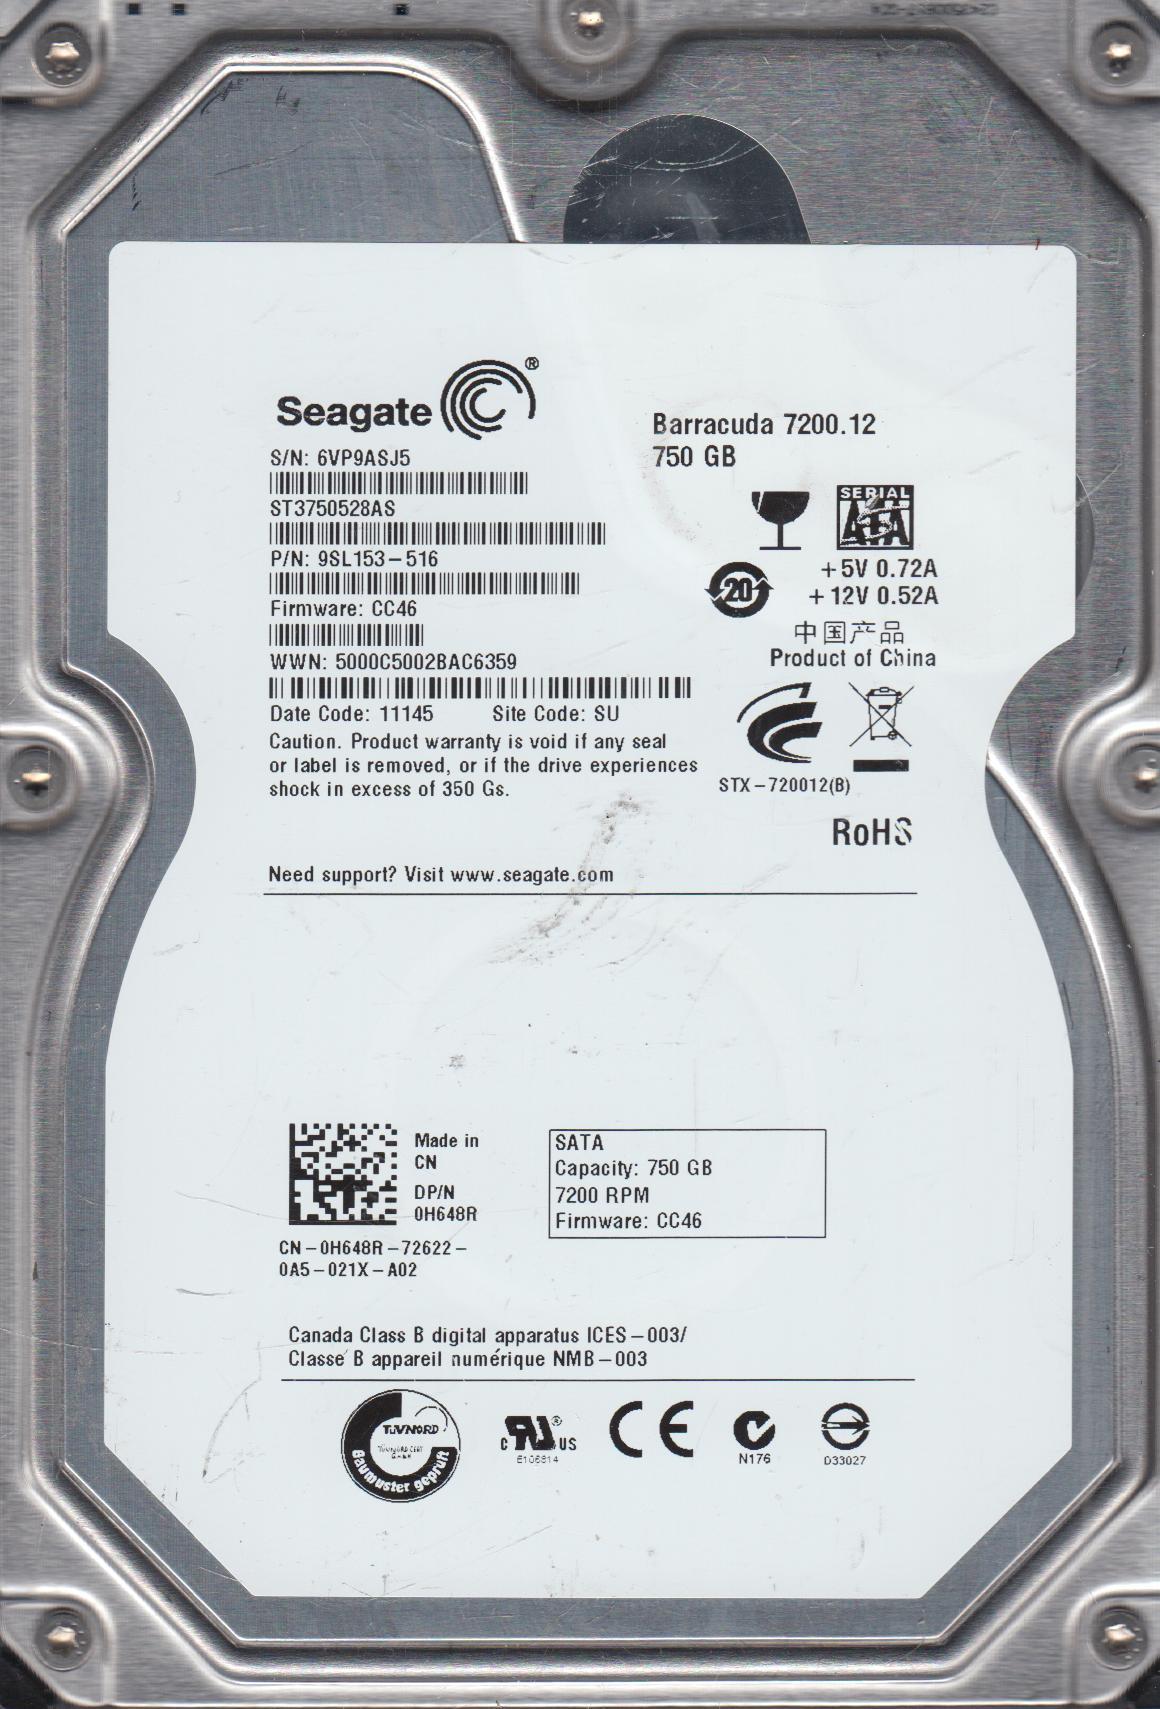 ST3750528AS, 6VP, SU, PN 9SL153-516, FW CC46, Seagate 750GB SATA 3.5 Hard Drive by Seagate